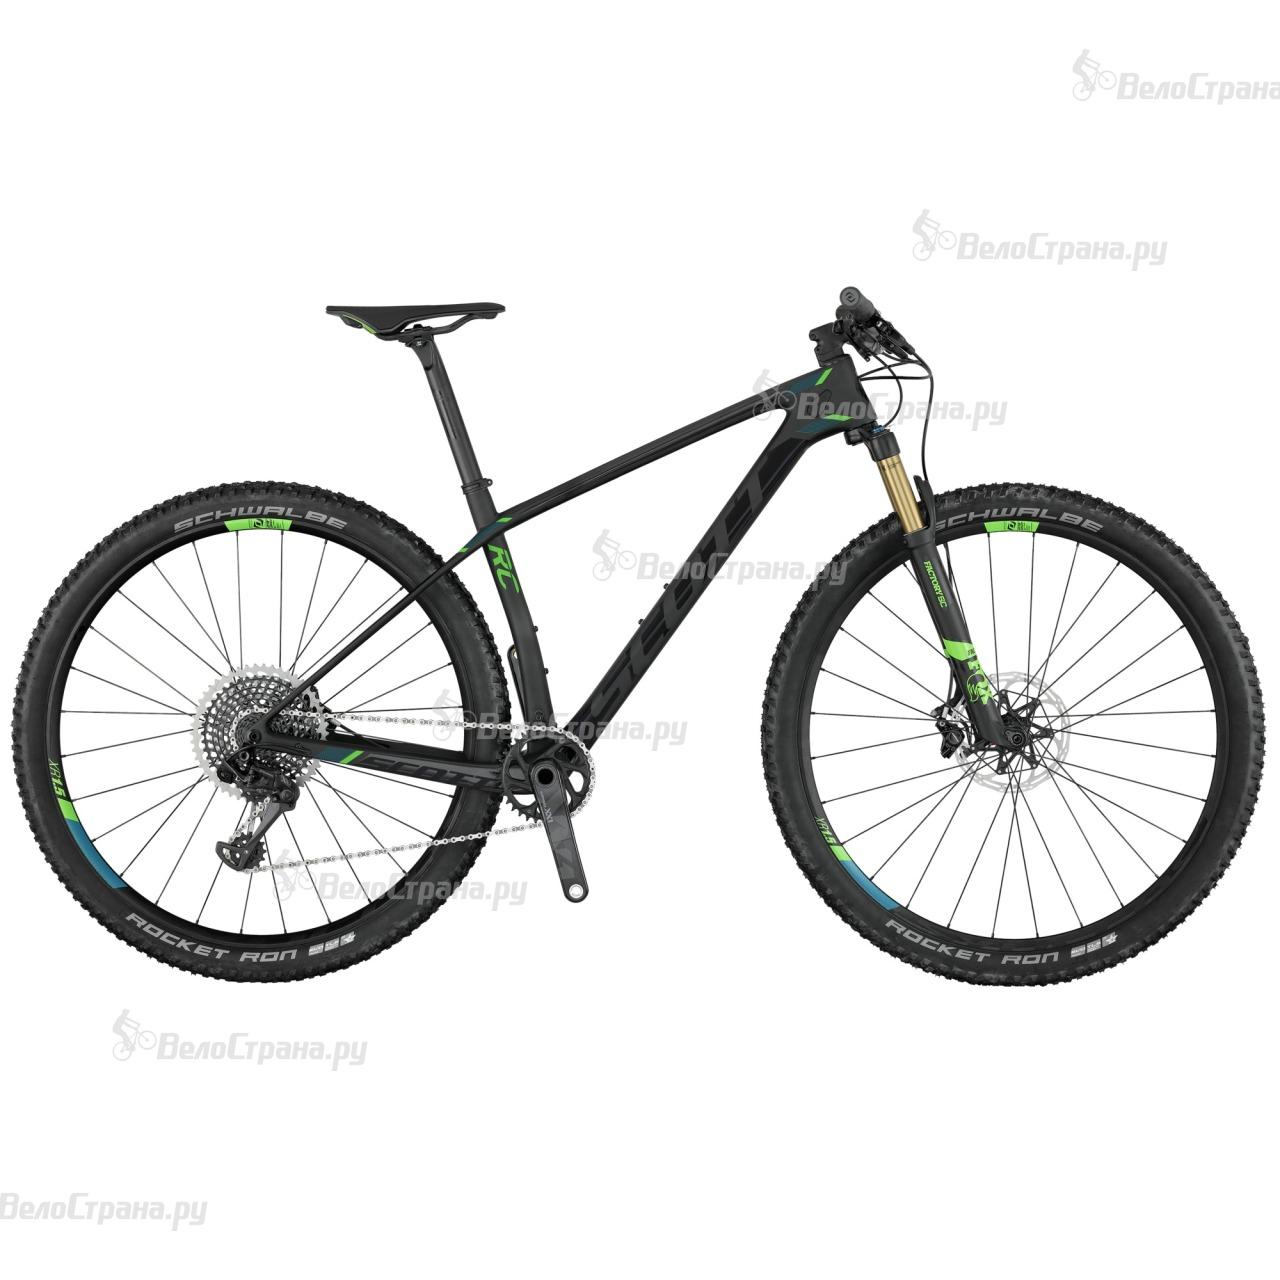 Велосипед Scott Scale RC 900 Ultimate (2017) велосипед scott scale 900 rc 2016